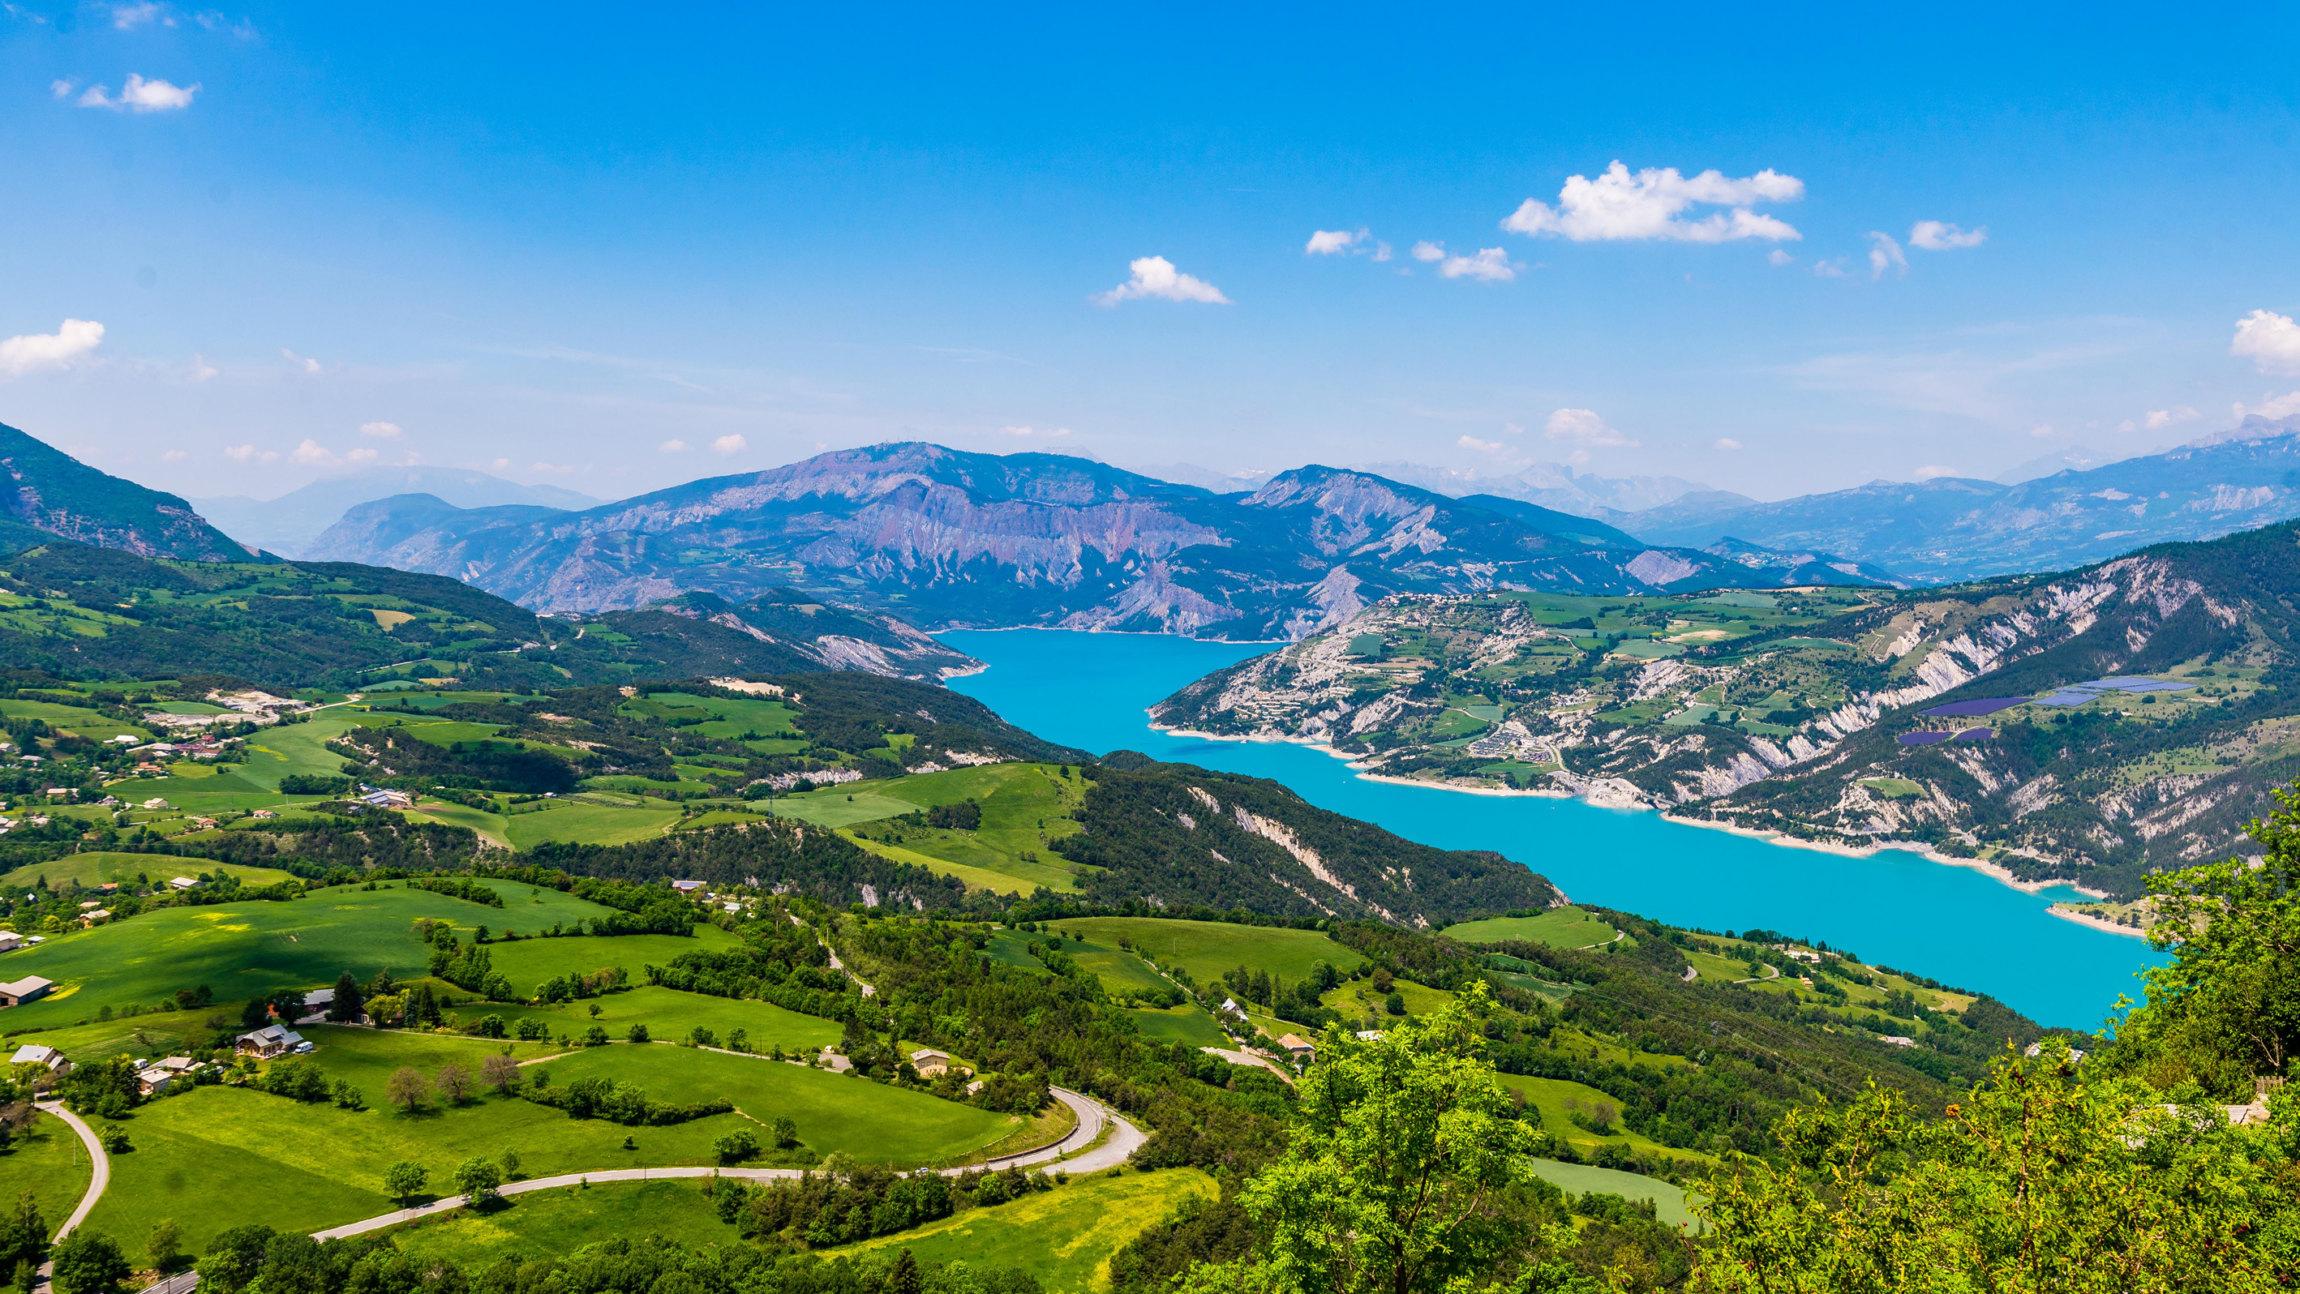 Lac Serre Poncon : Muséoscope of serre ponçon lake